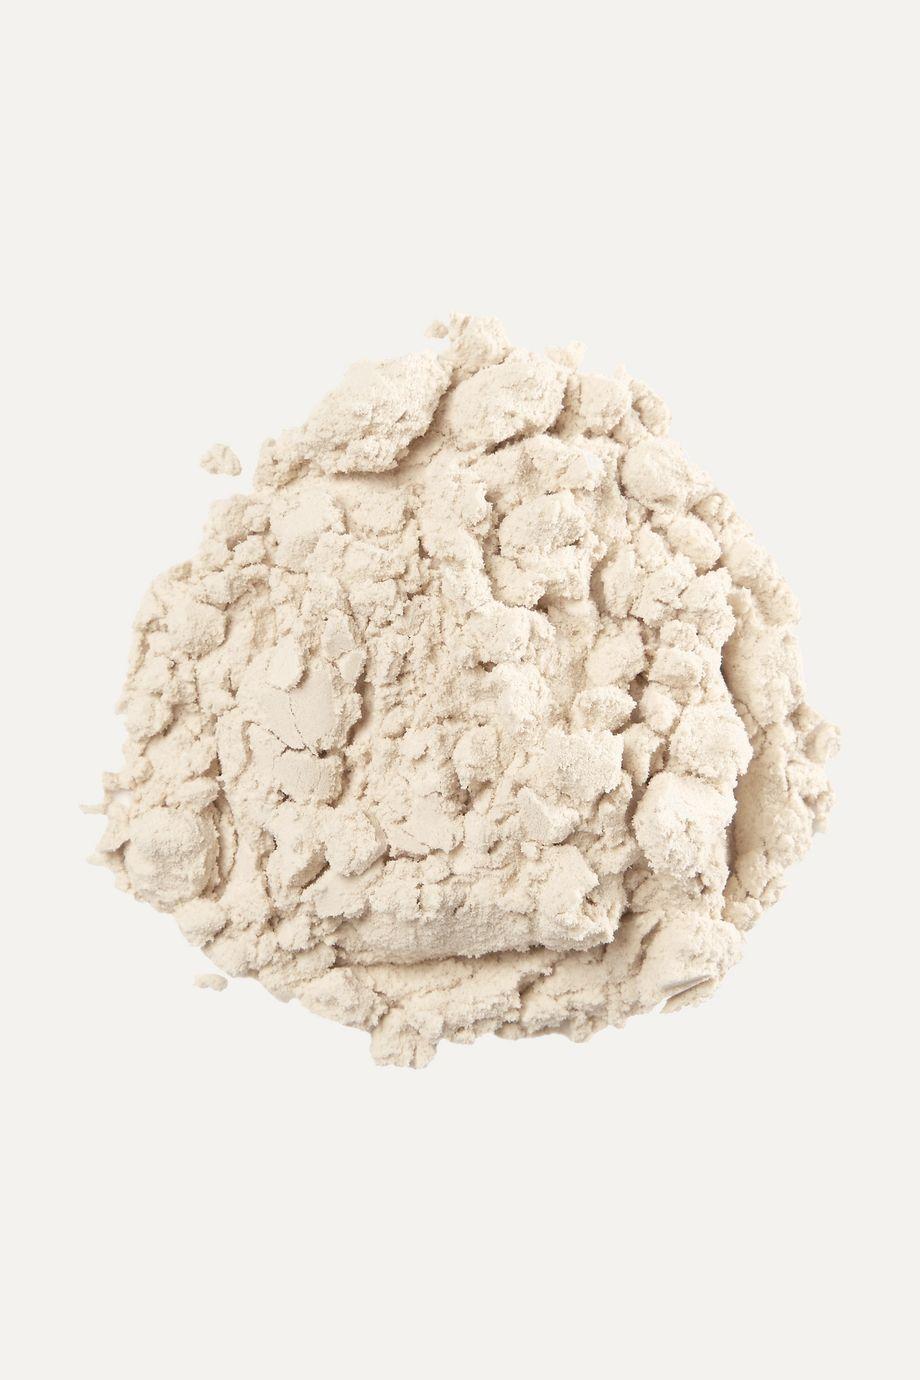 Form Nutrition Pureblend Protein, 520g